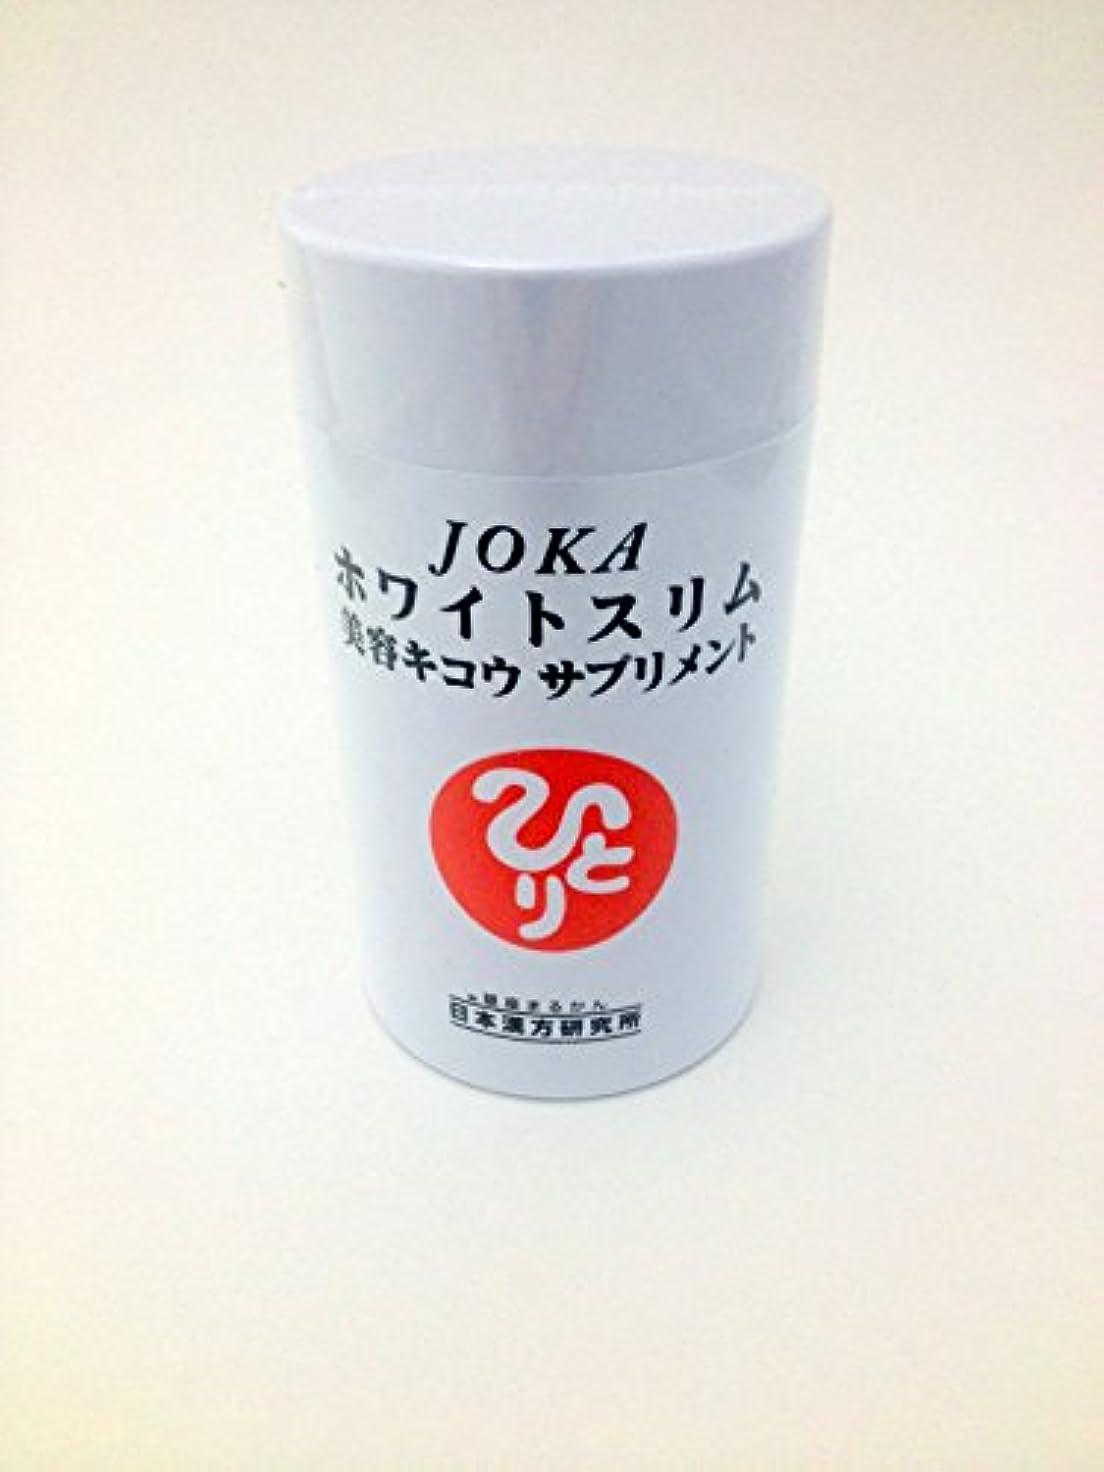 第キャンセル平衡JOKAホワイトスリム美容キコウサプリメント